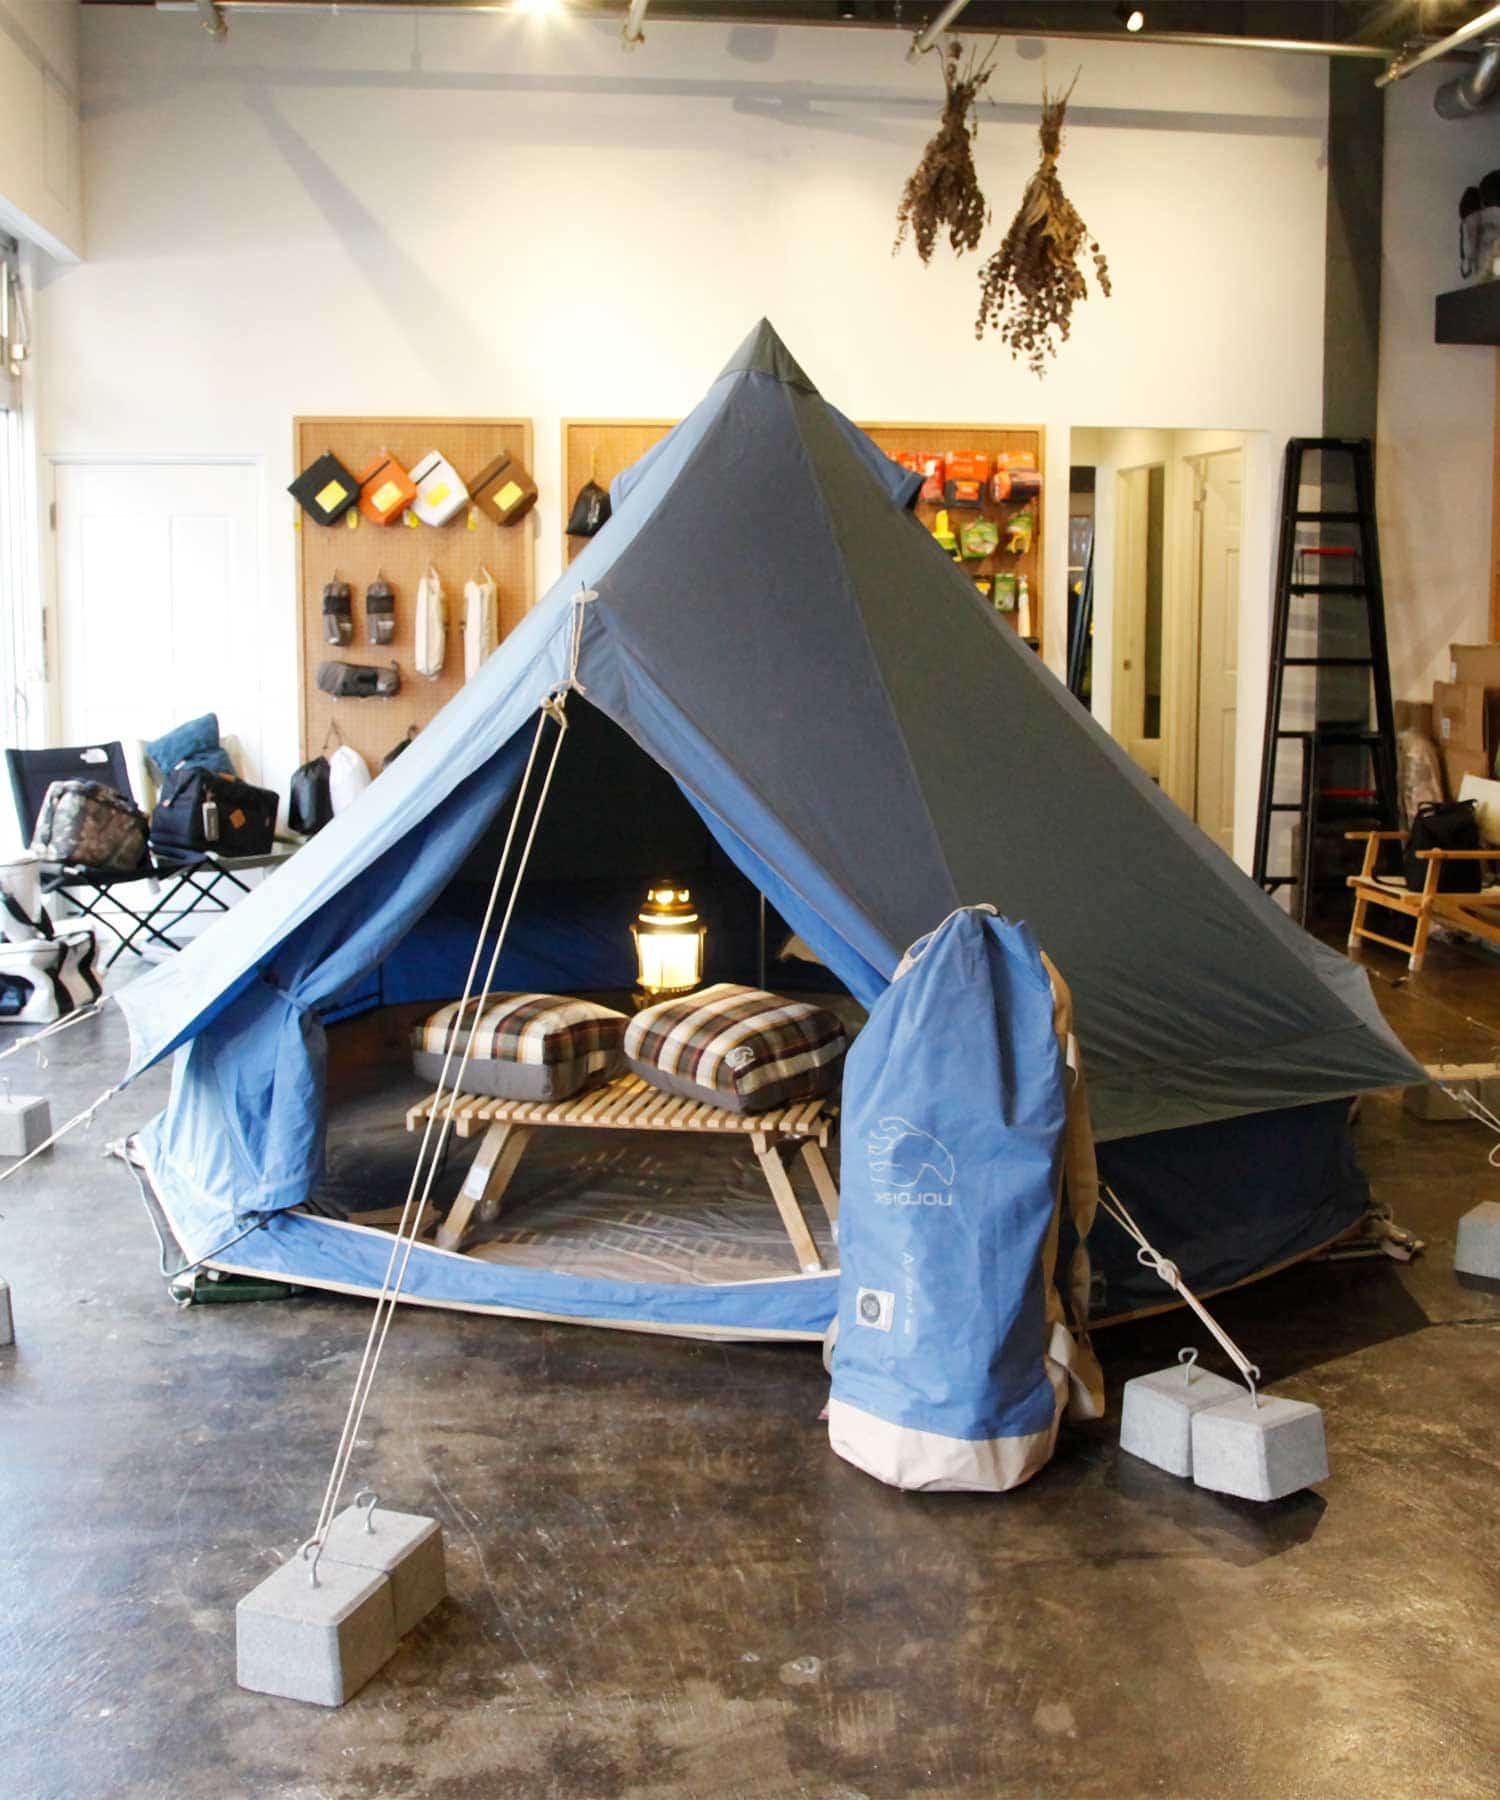 アスガルド ノル 7.1 ディスク 【レビュー】ノルディスクのワンポールテント「アスガルド7.1」は2人キャンプにおすすめ! (1/2)